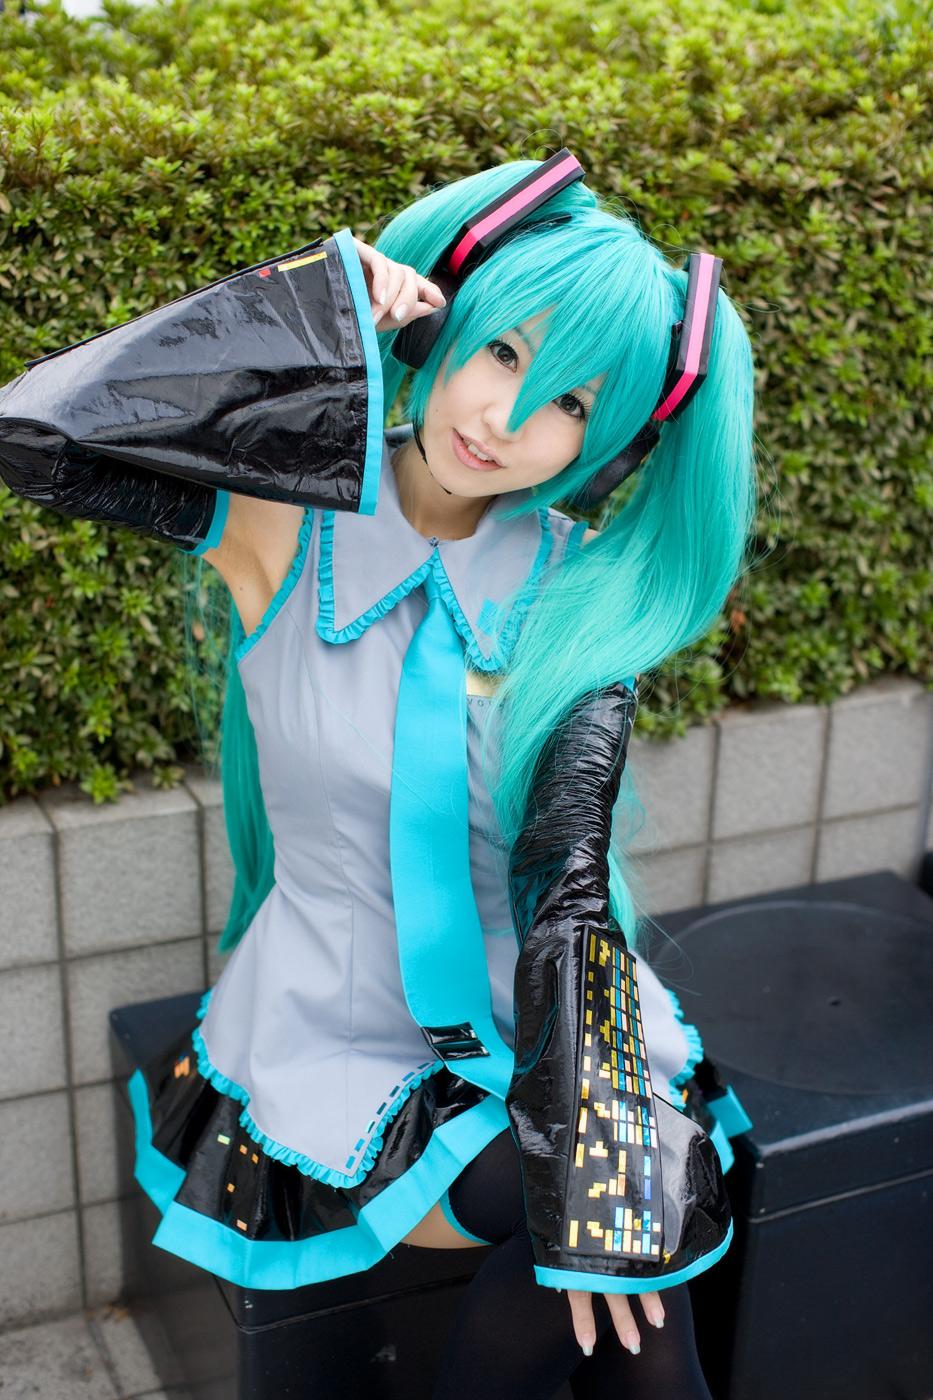 Vocaloid世界 Hatsune Miku Cosplay